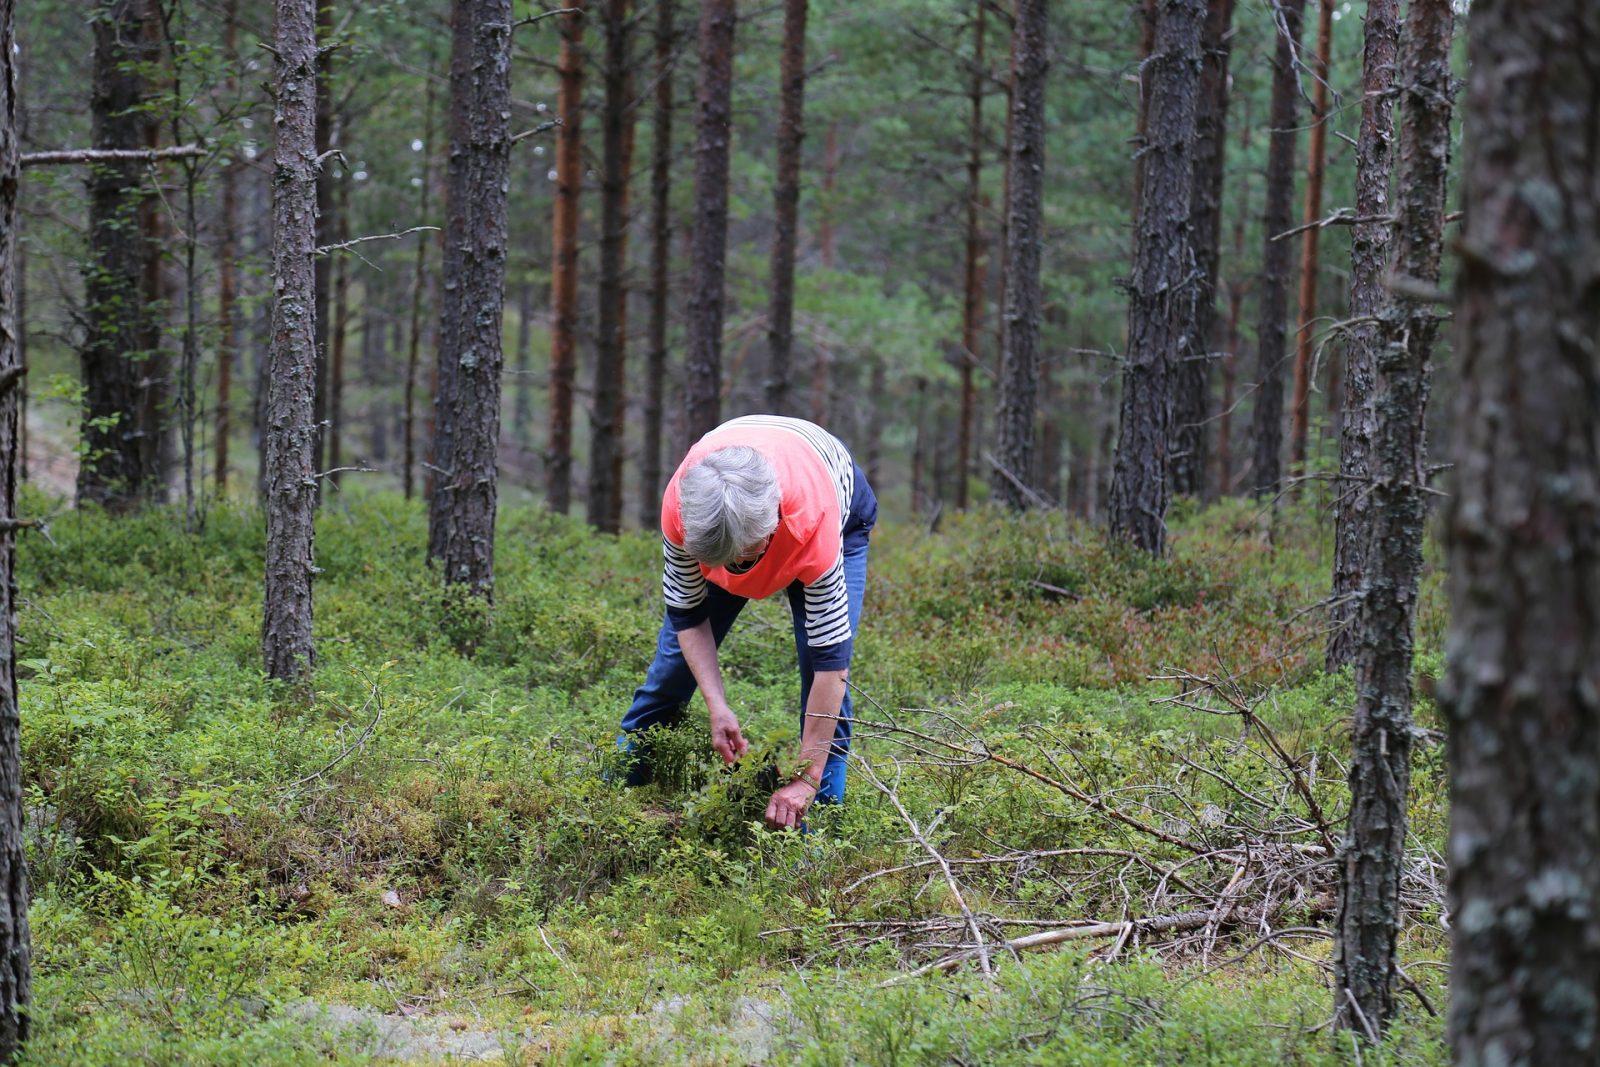 Cueillette de bleuets en forêt: Les cueilleurs de plus en plus rares